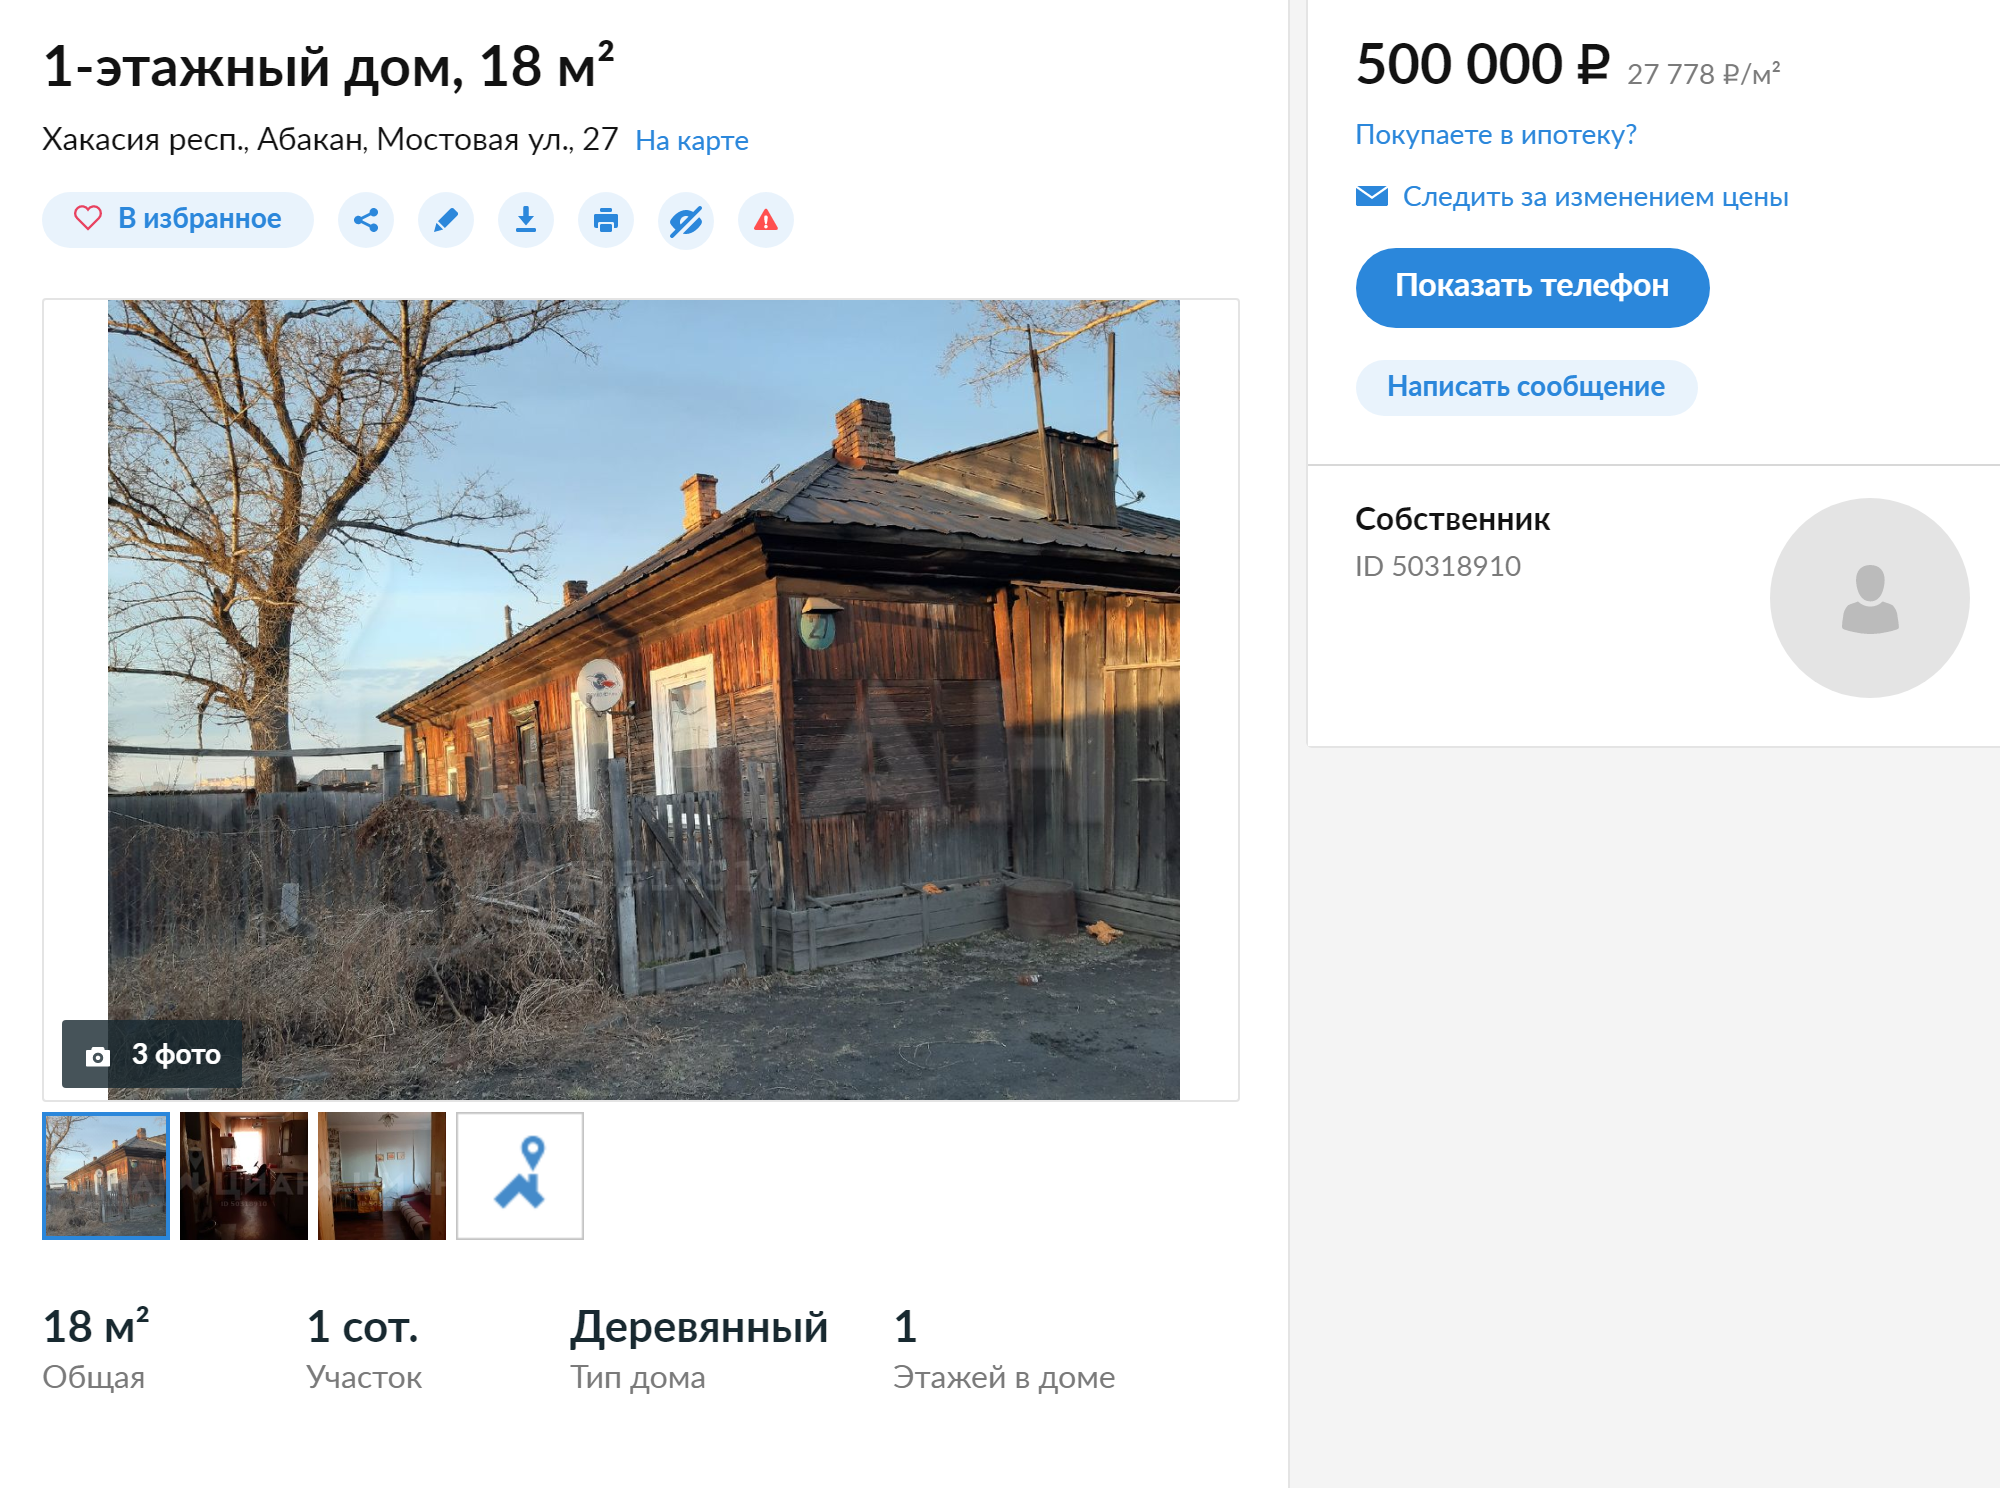 Небольшой домик безудобств в Гавани стоит всего 500 тысяч. Источник: «Циан»